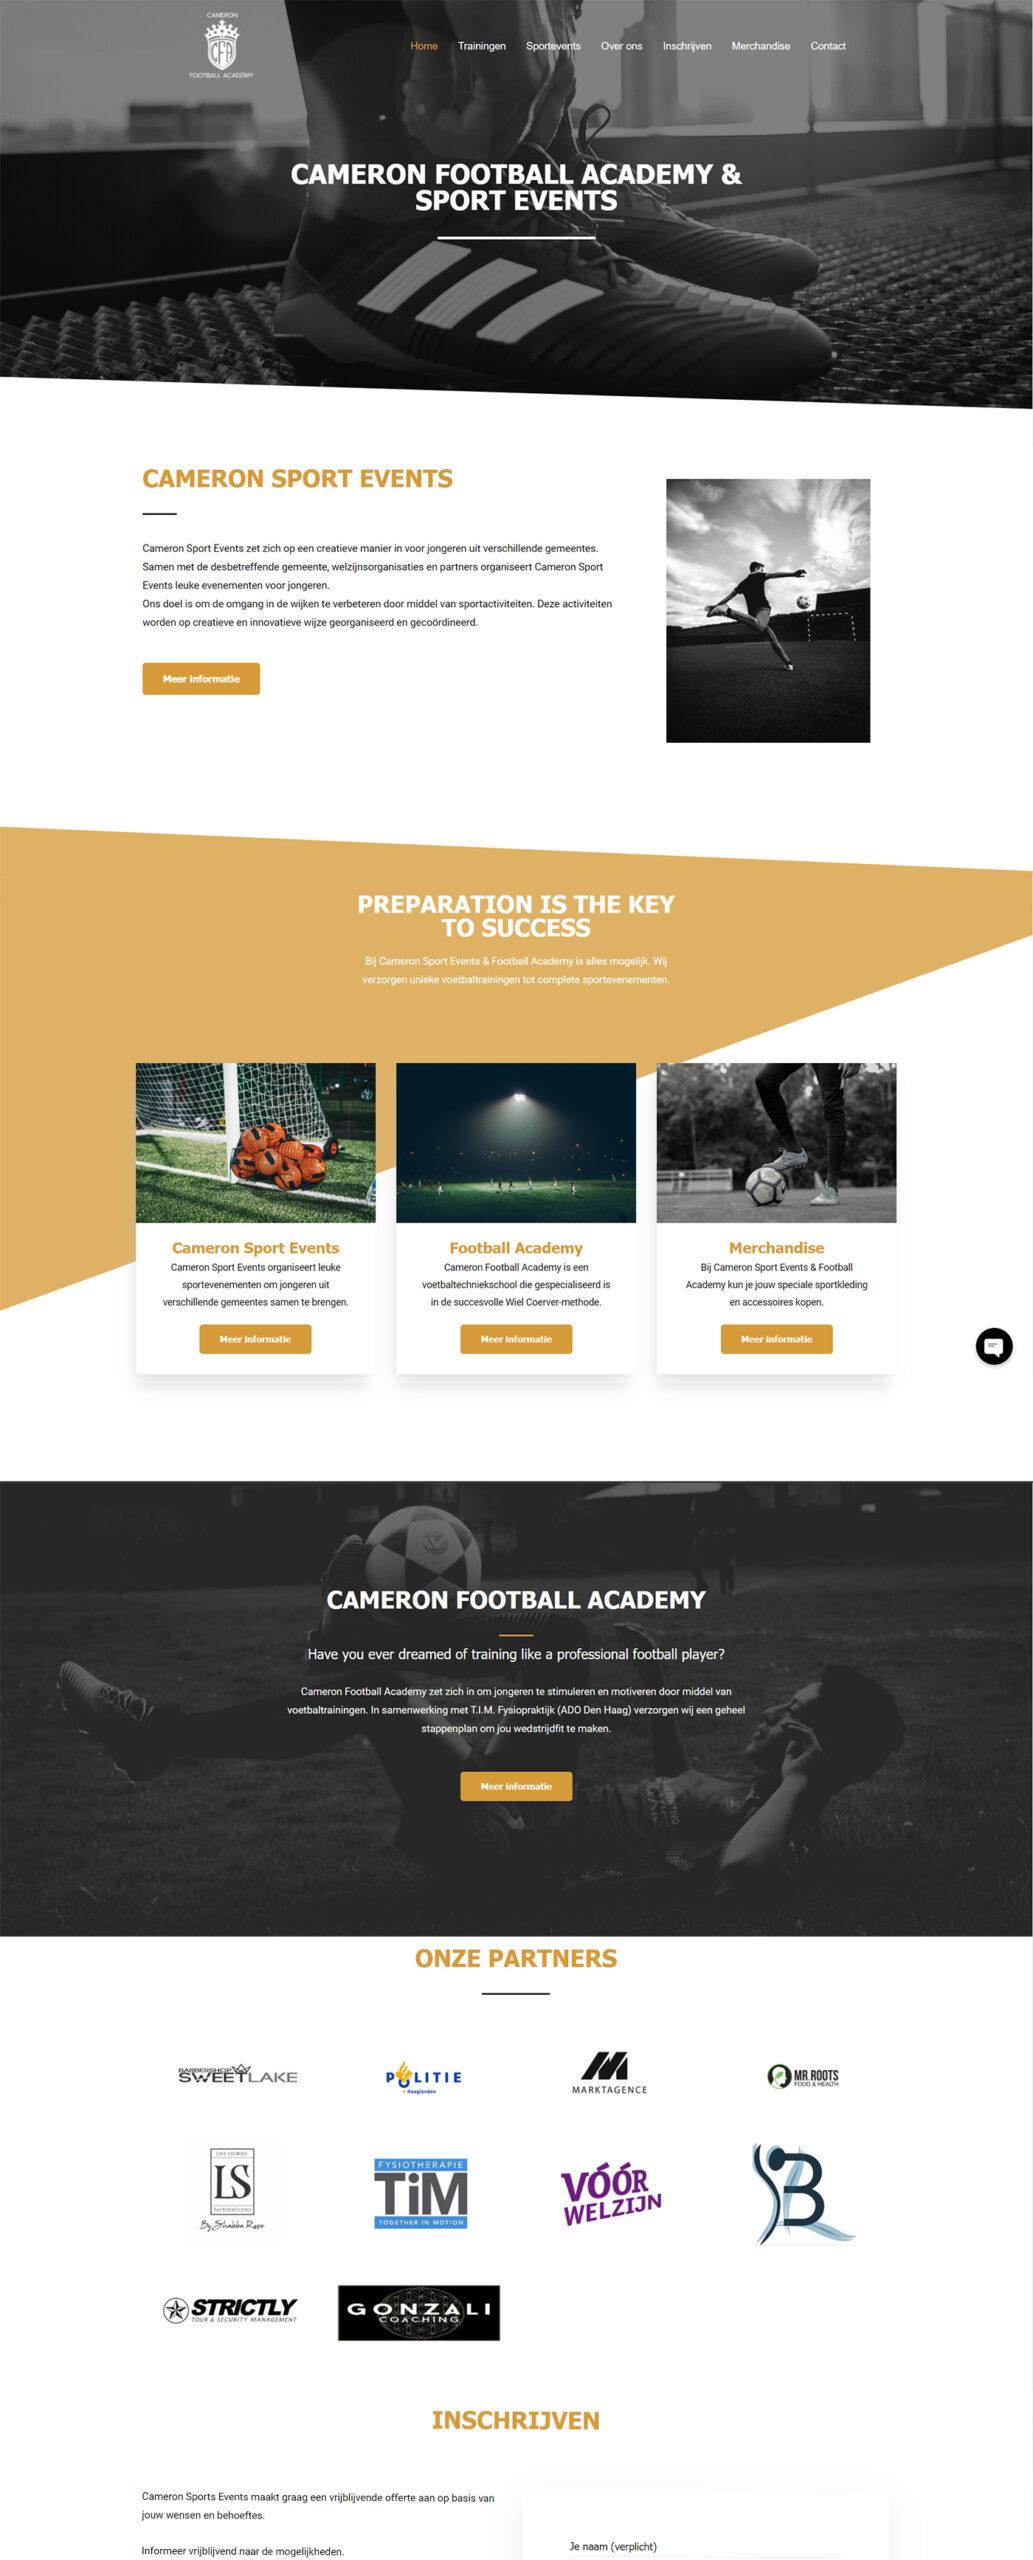 cameronfootballacademy